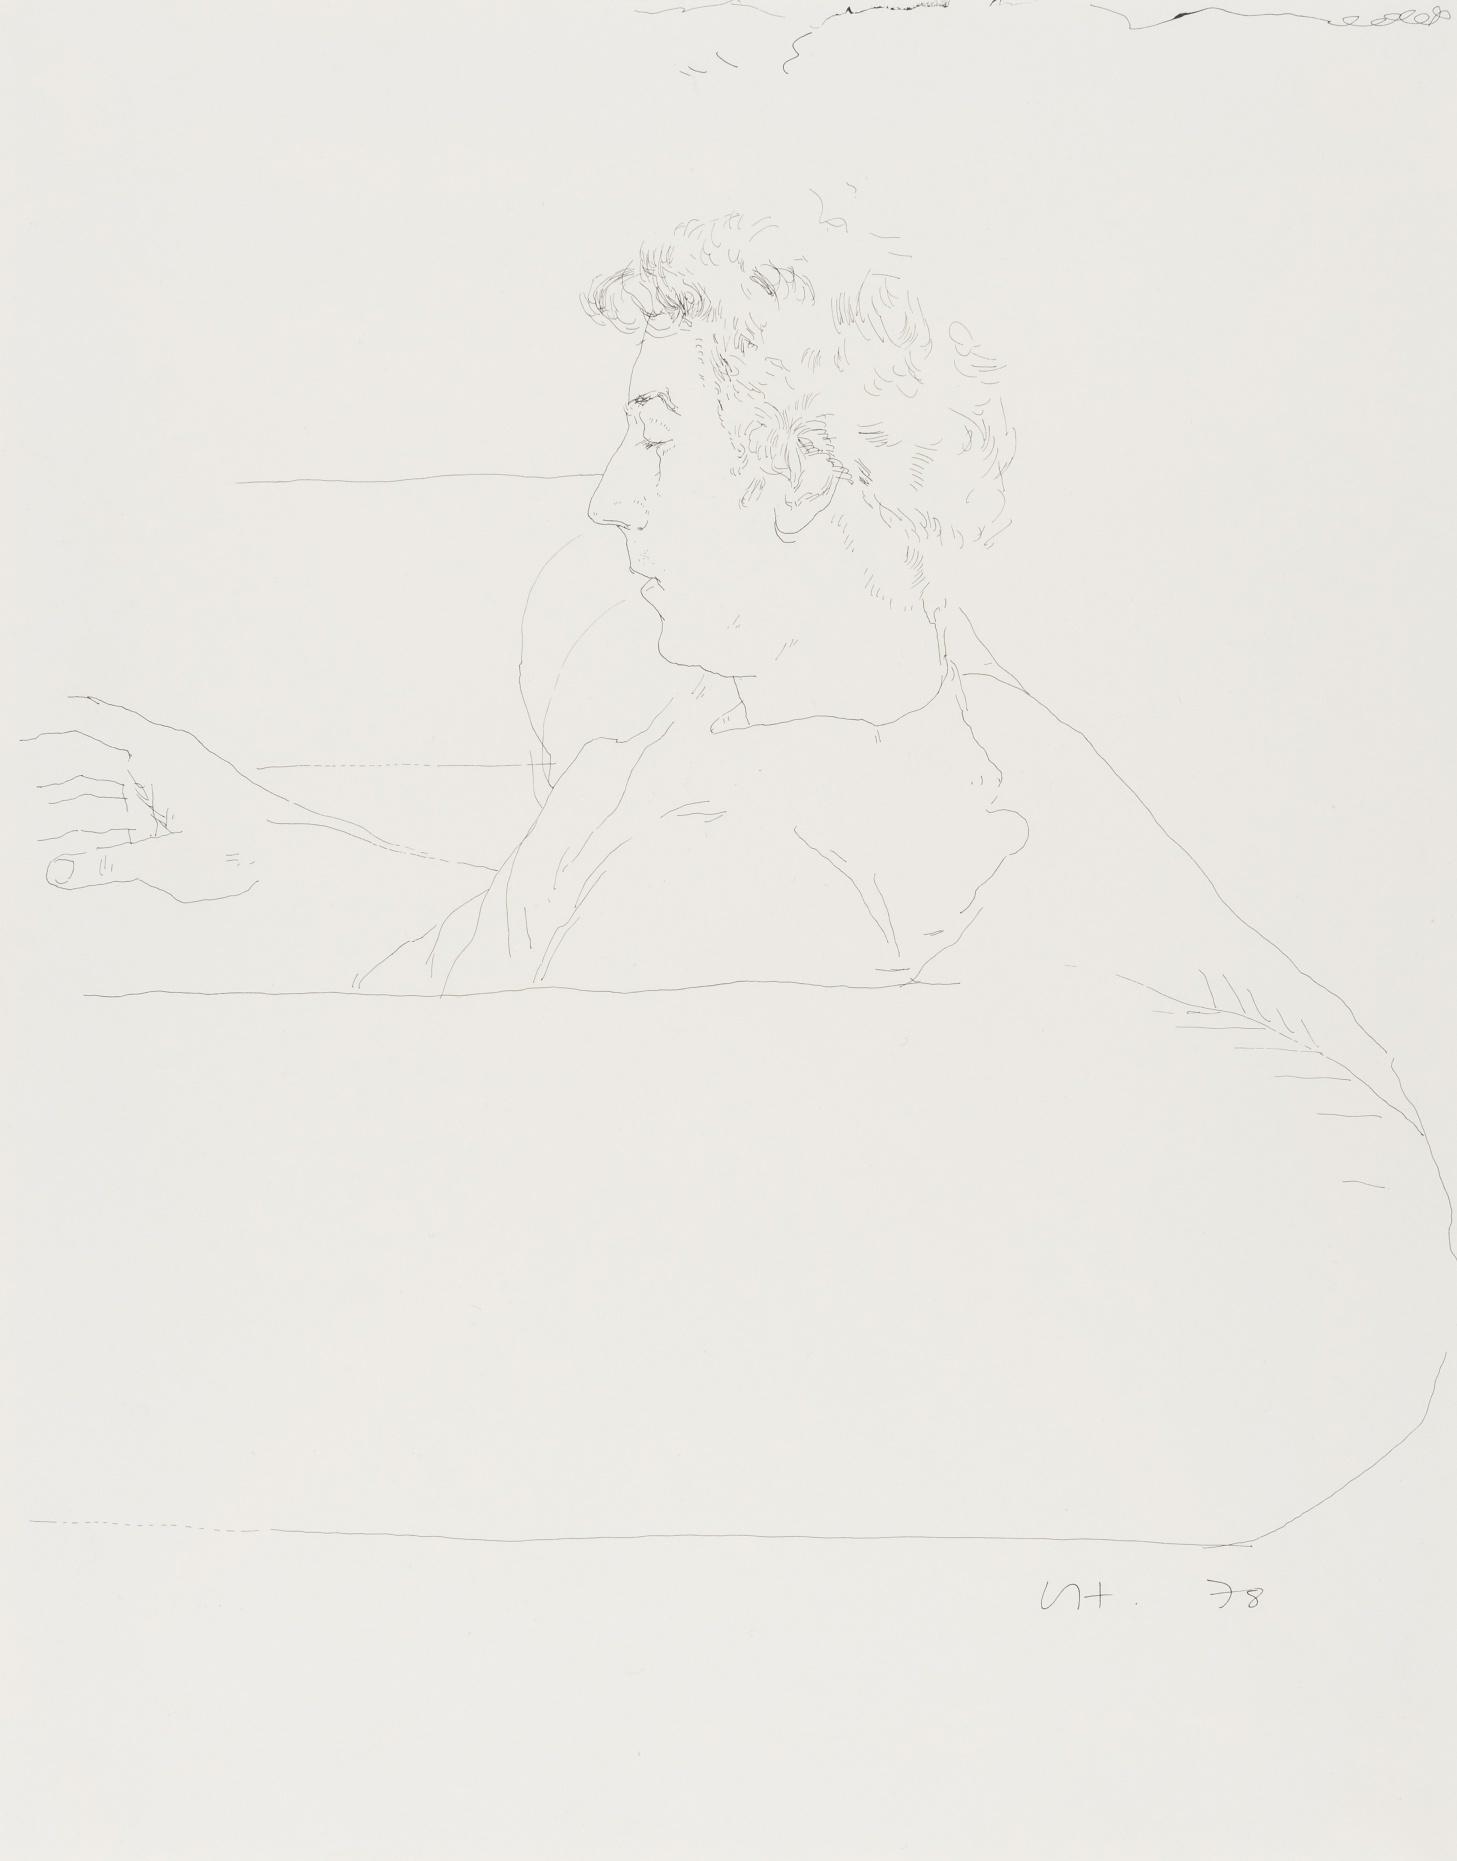 David Hockney, Gregory on a sofa, encre de Chine sur papier, 1978, 35.5 x 27.7 cm (14 x 10 7/8in) Estimation: £25 000-35 000